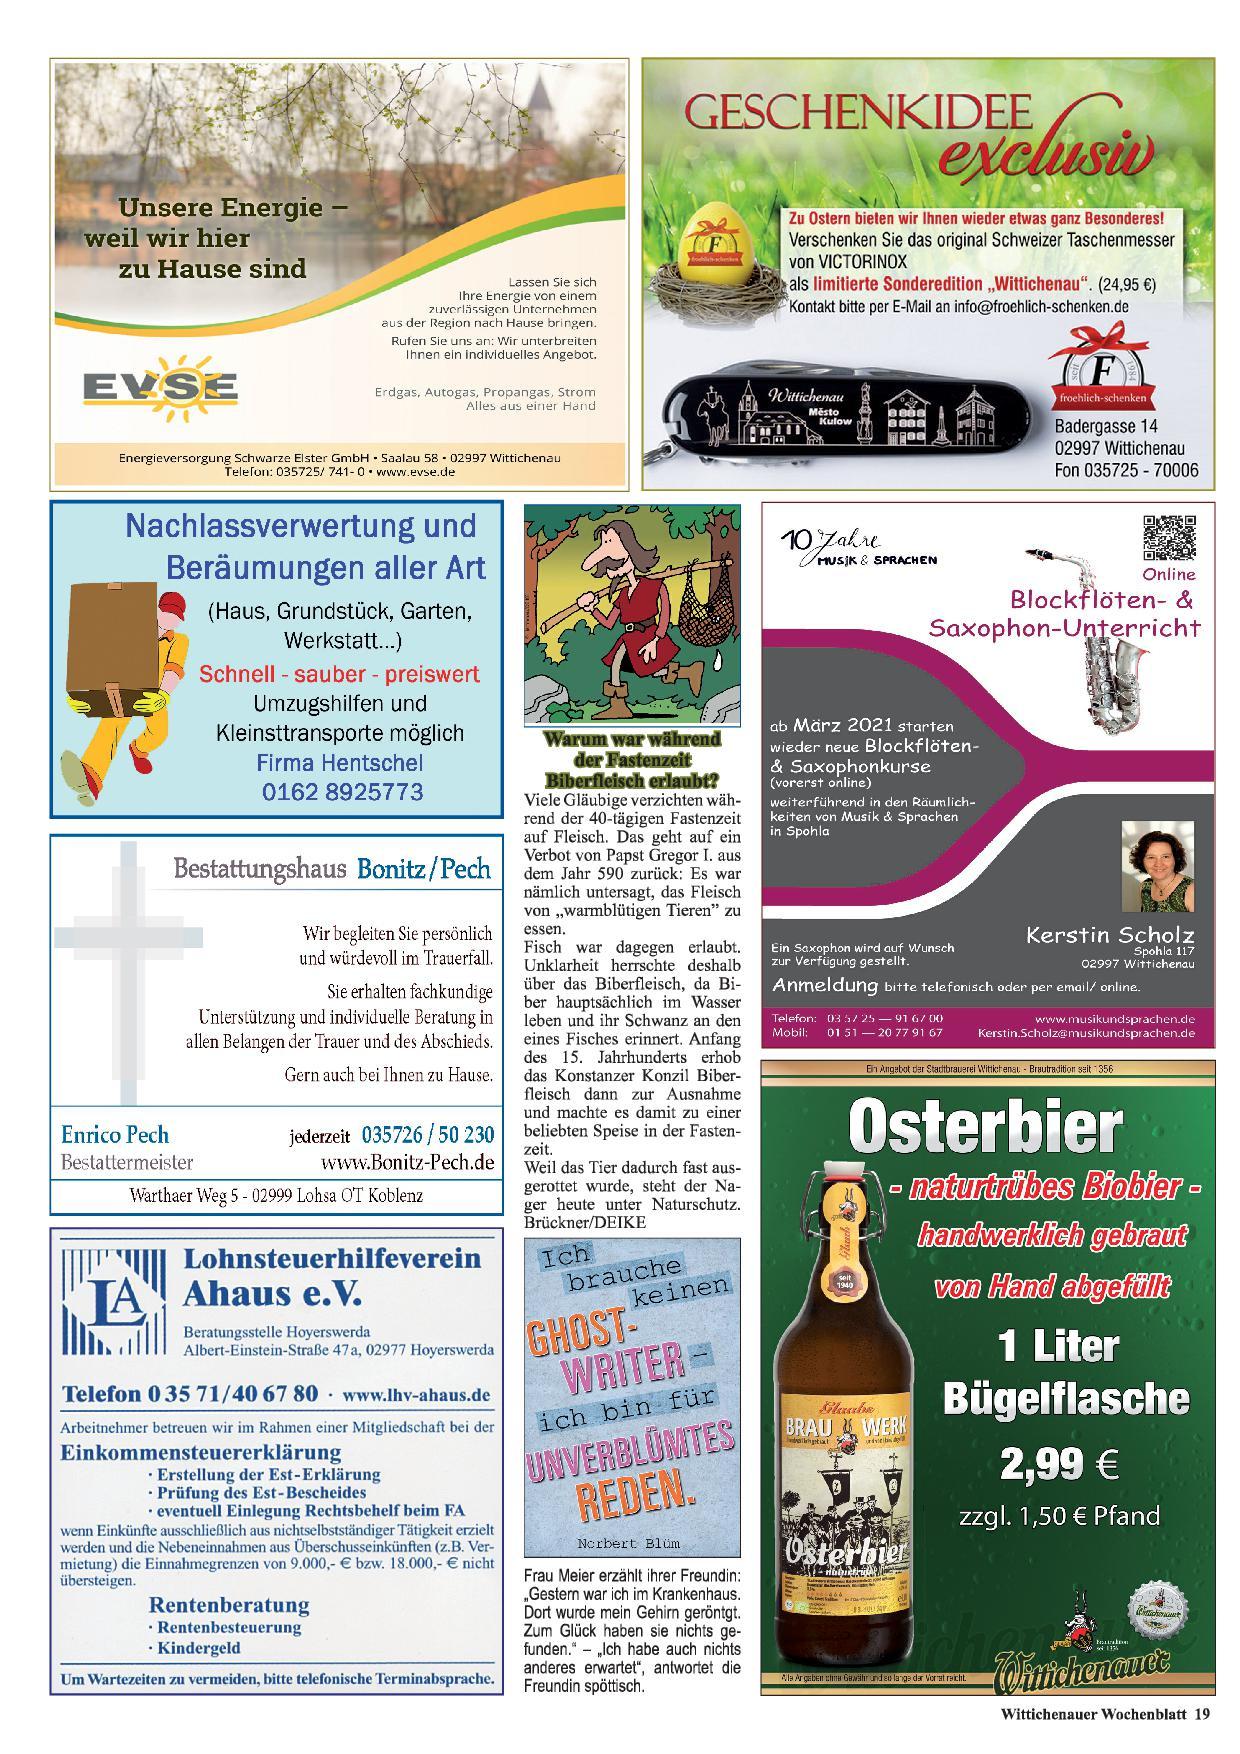 Wochenblatt Nr. 5 - 2021